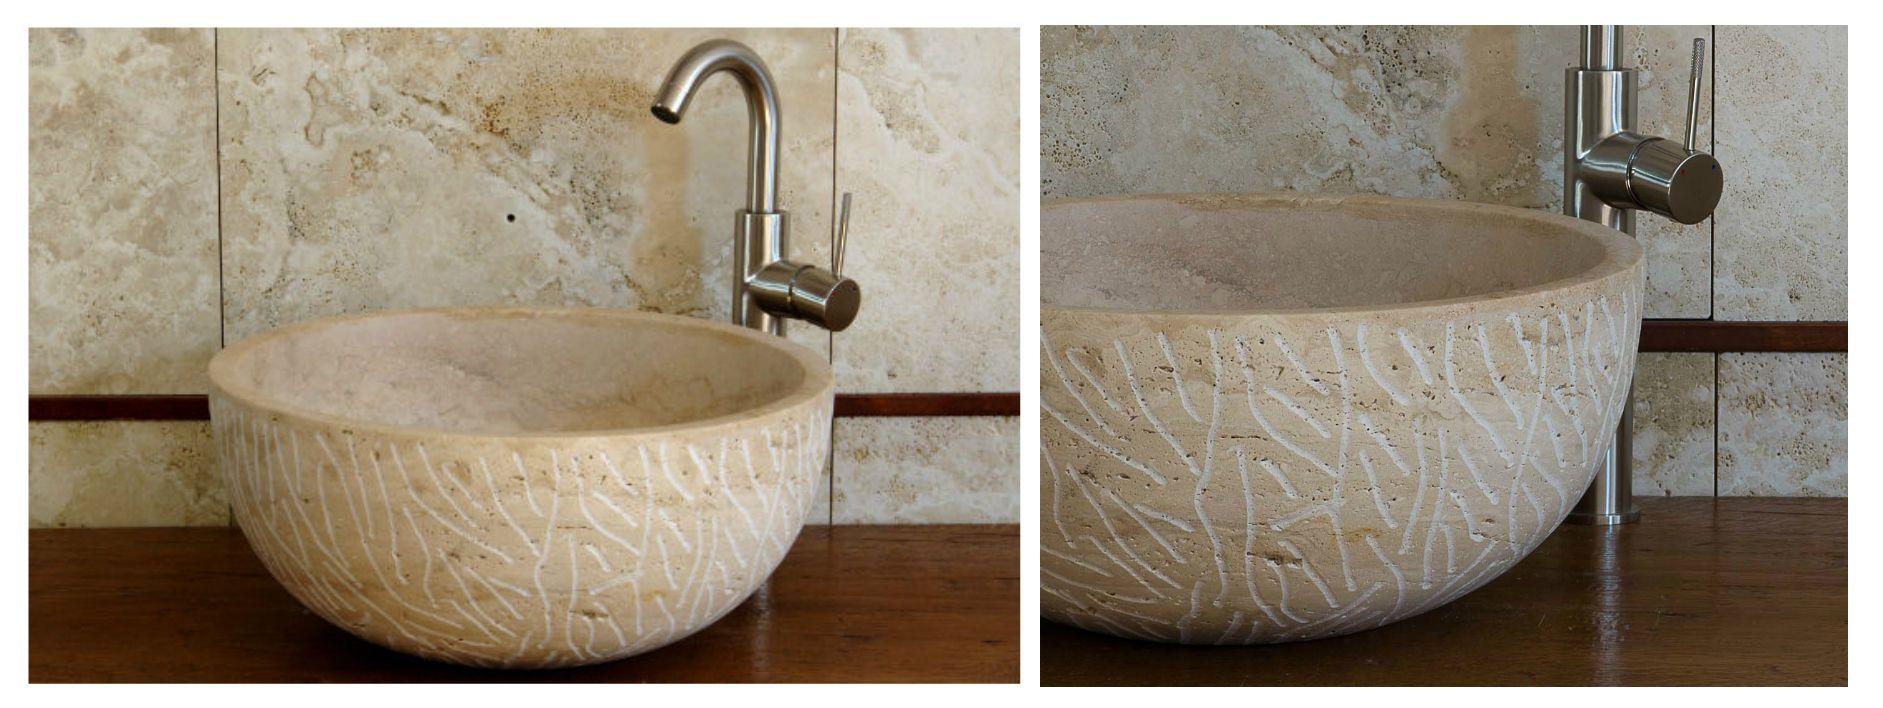 Lavabi in marmo per tutti gli stili Decorazioni, Stile